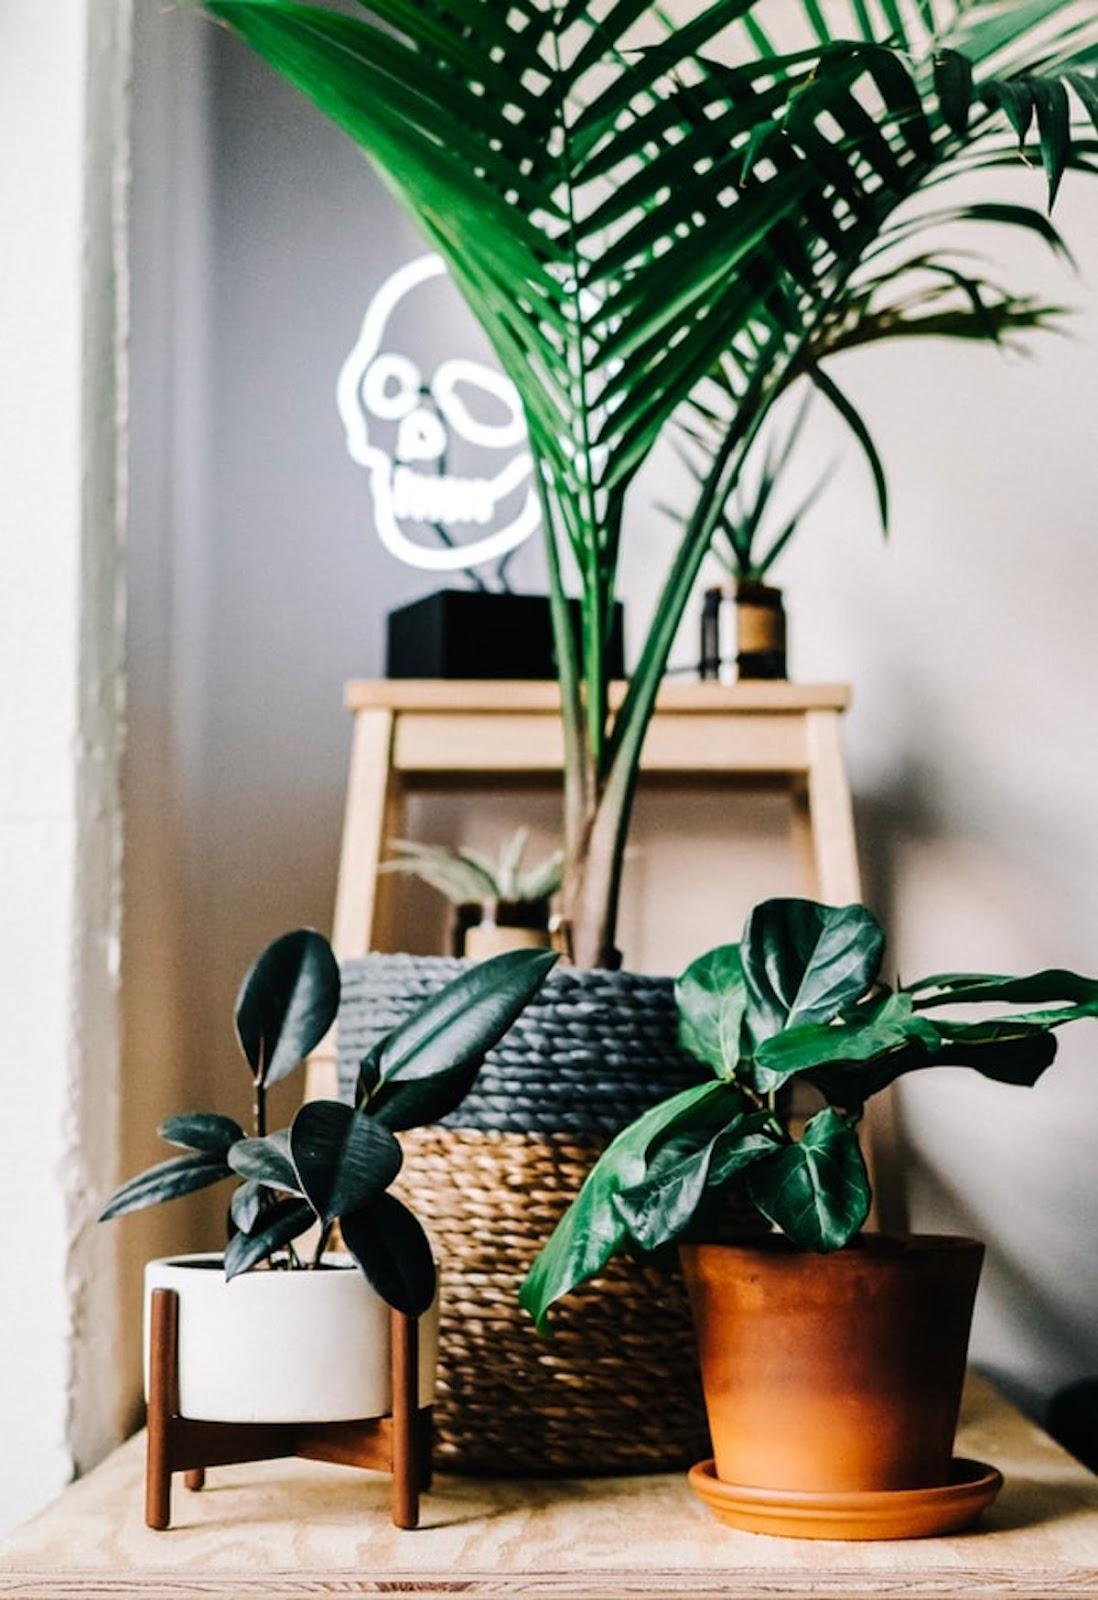 Composición de plantas en escalera